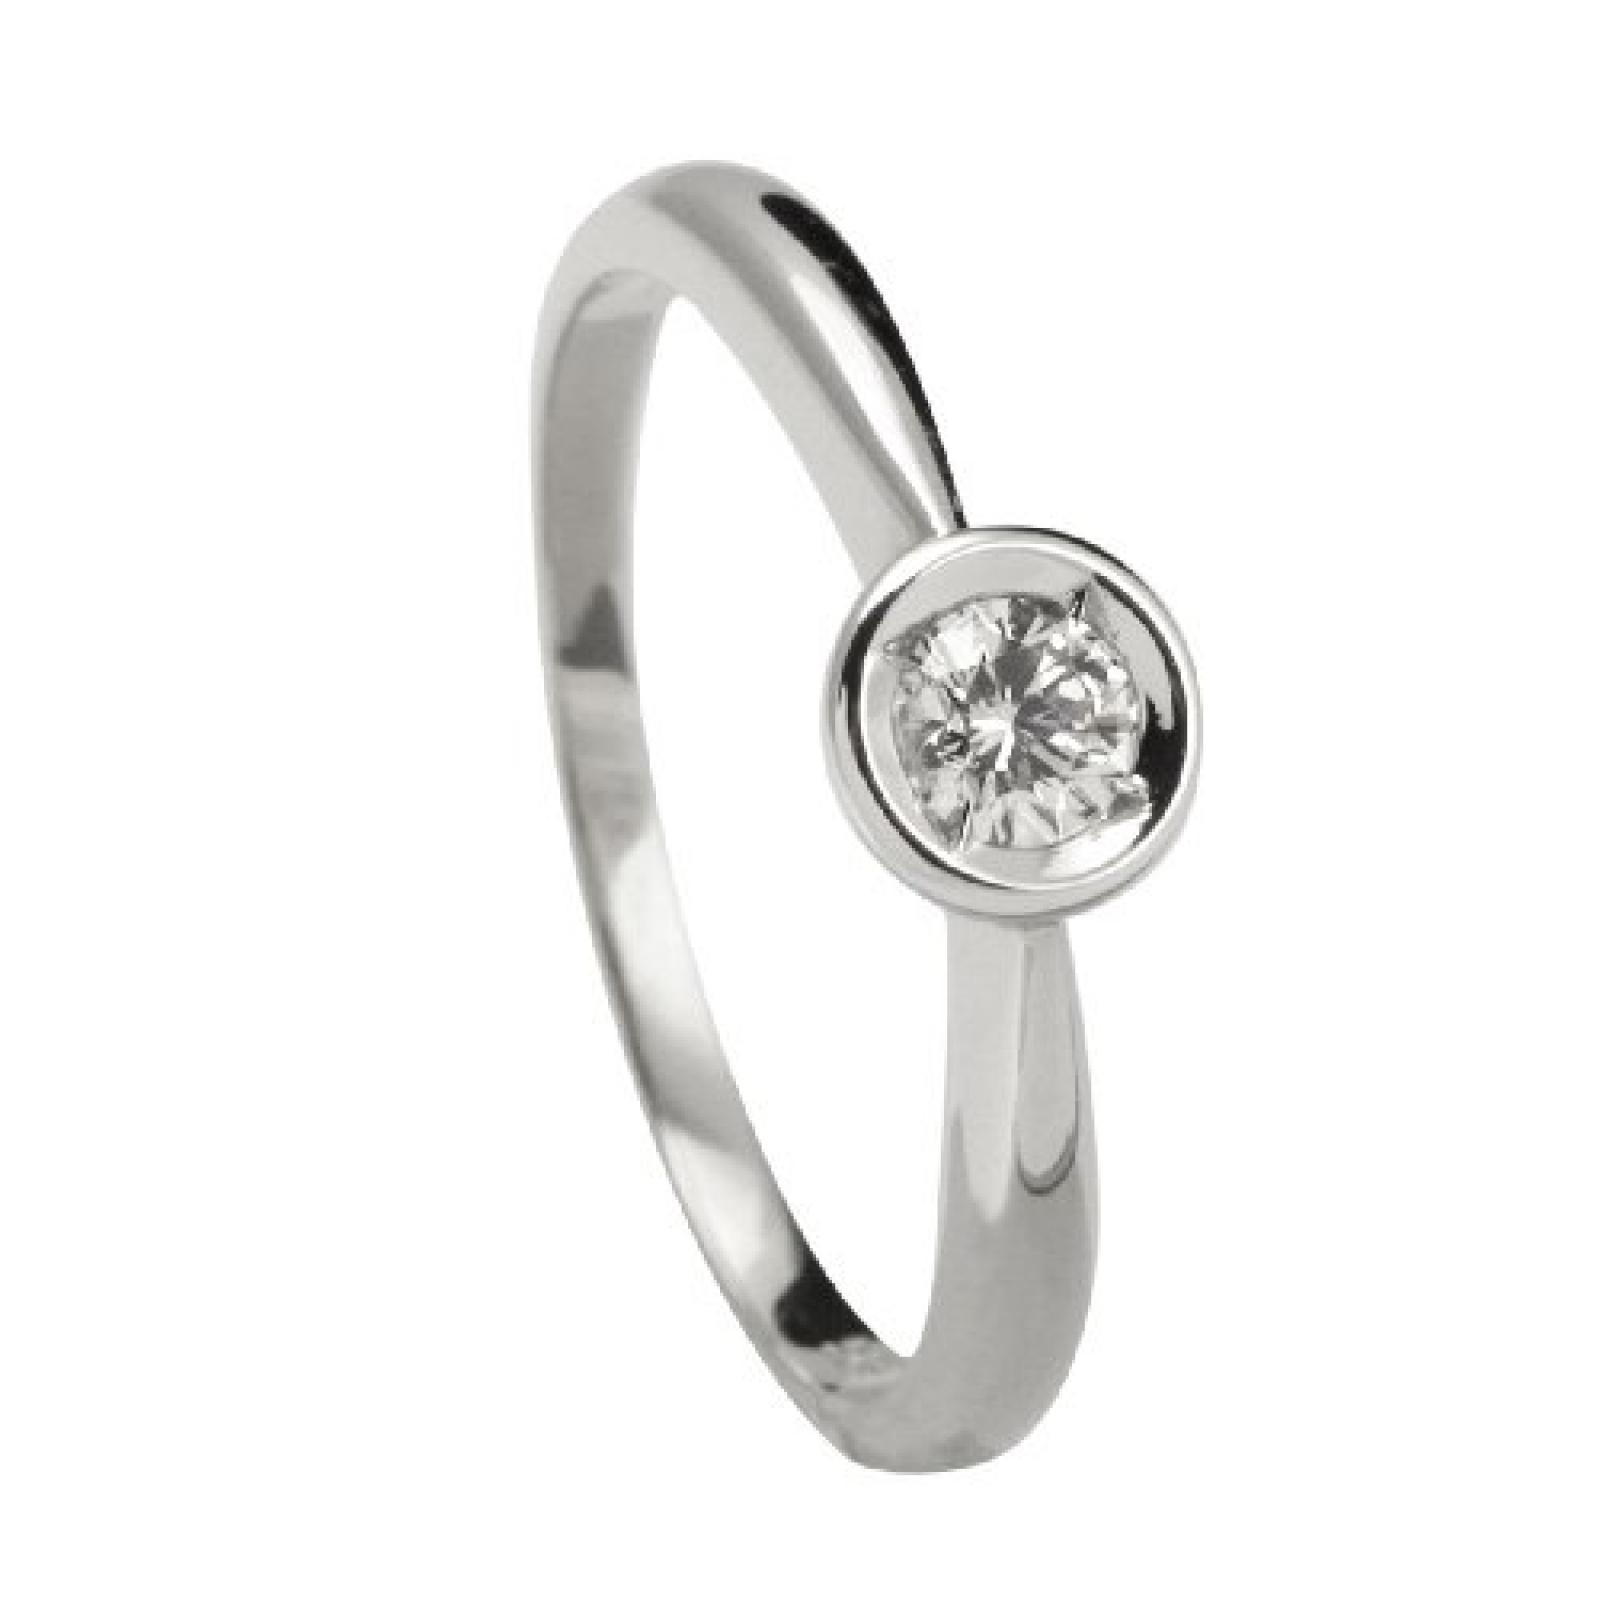 Bella Donna Damen Diamantring 585/000 Weiß-Gold 1 Brillant 0,17ct. Weiß Piqué